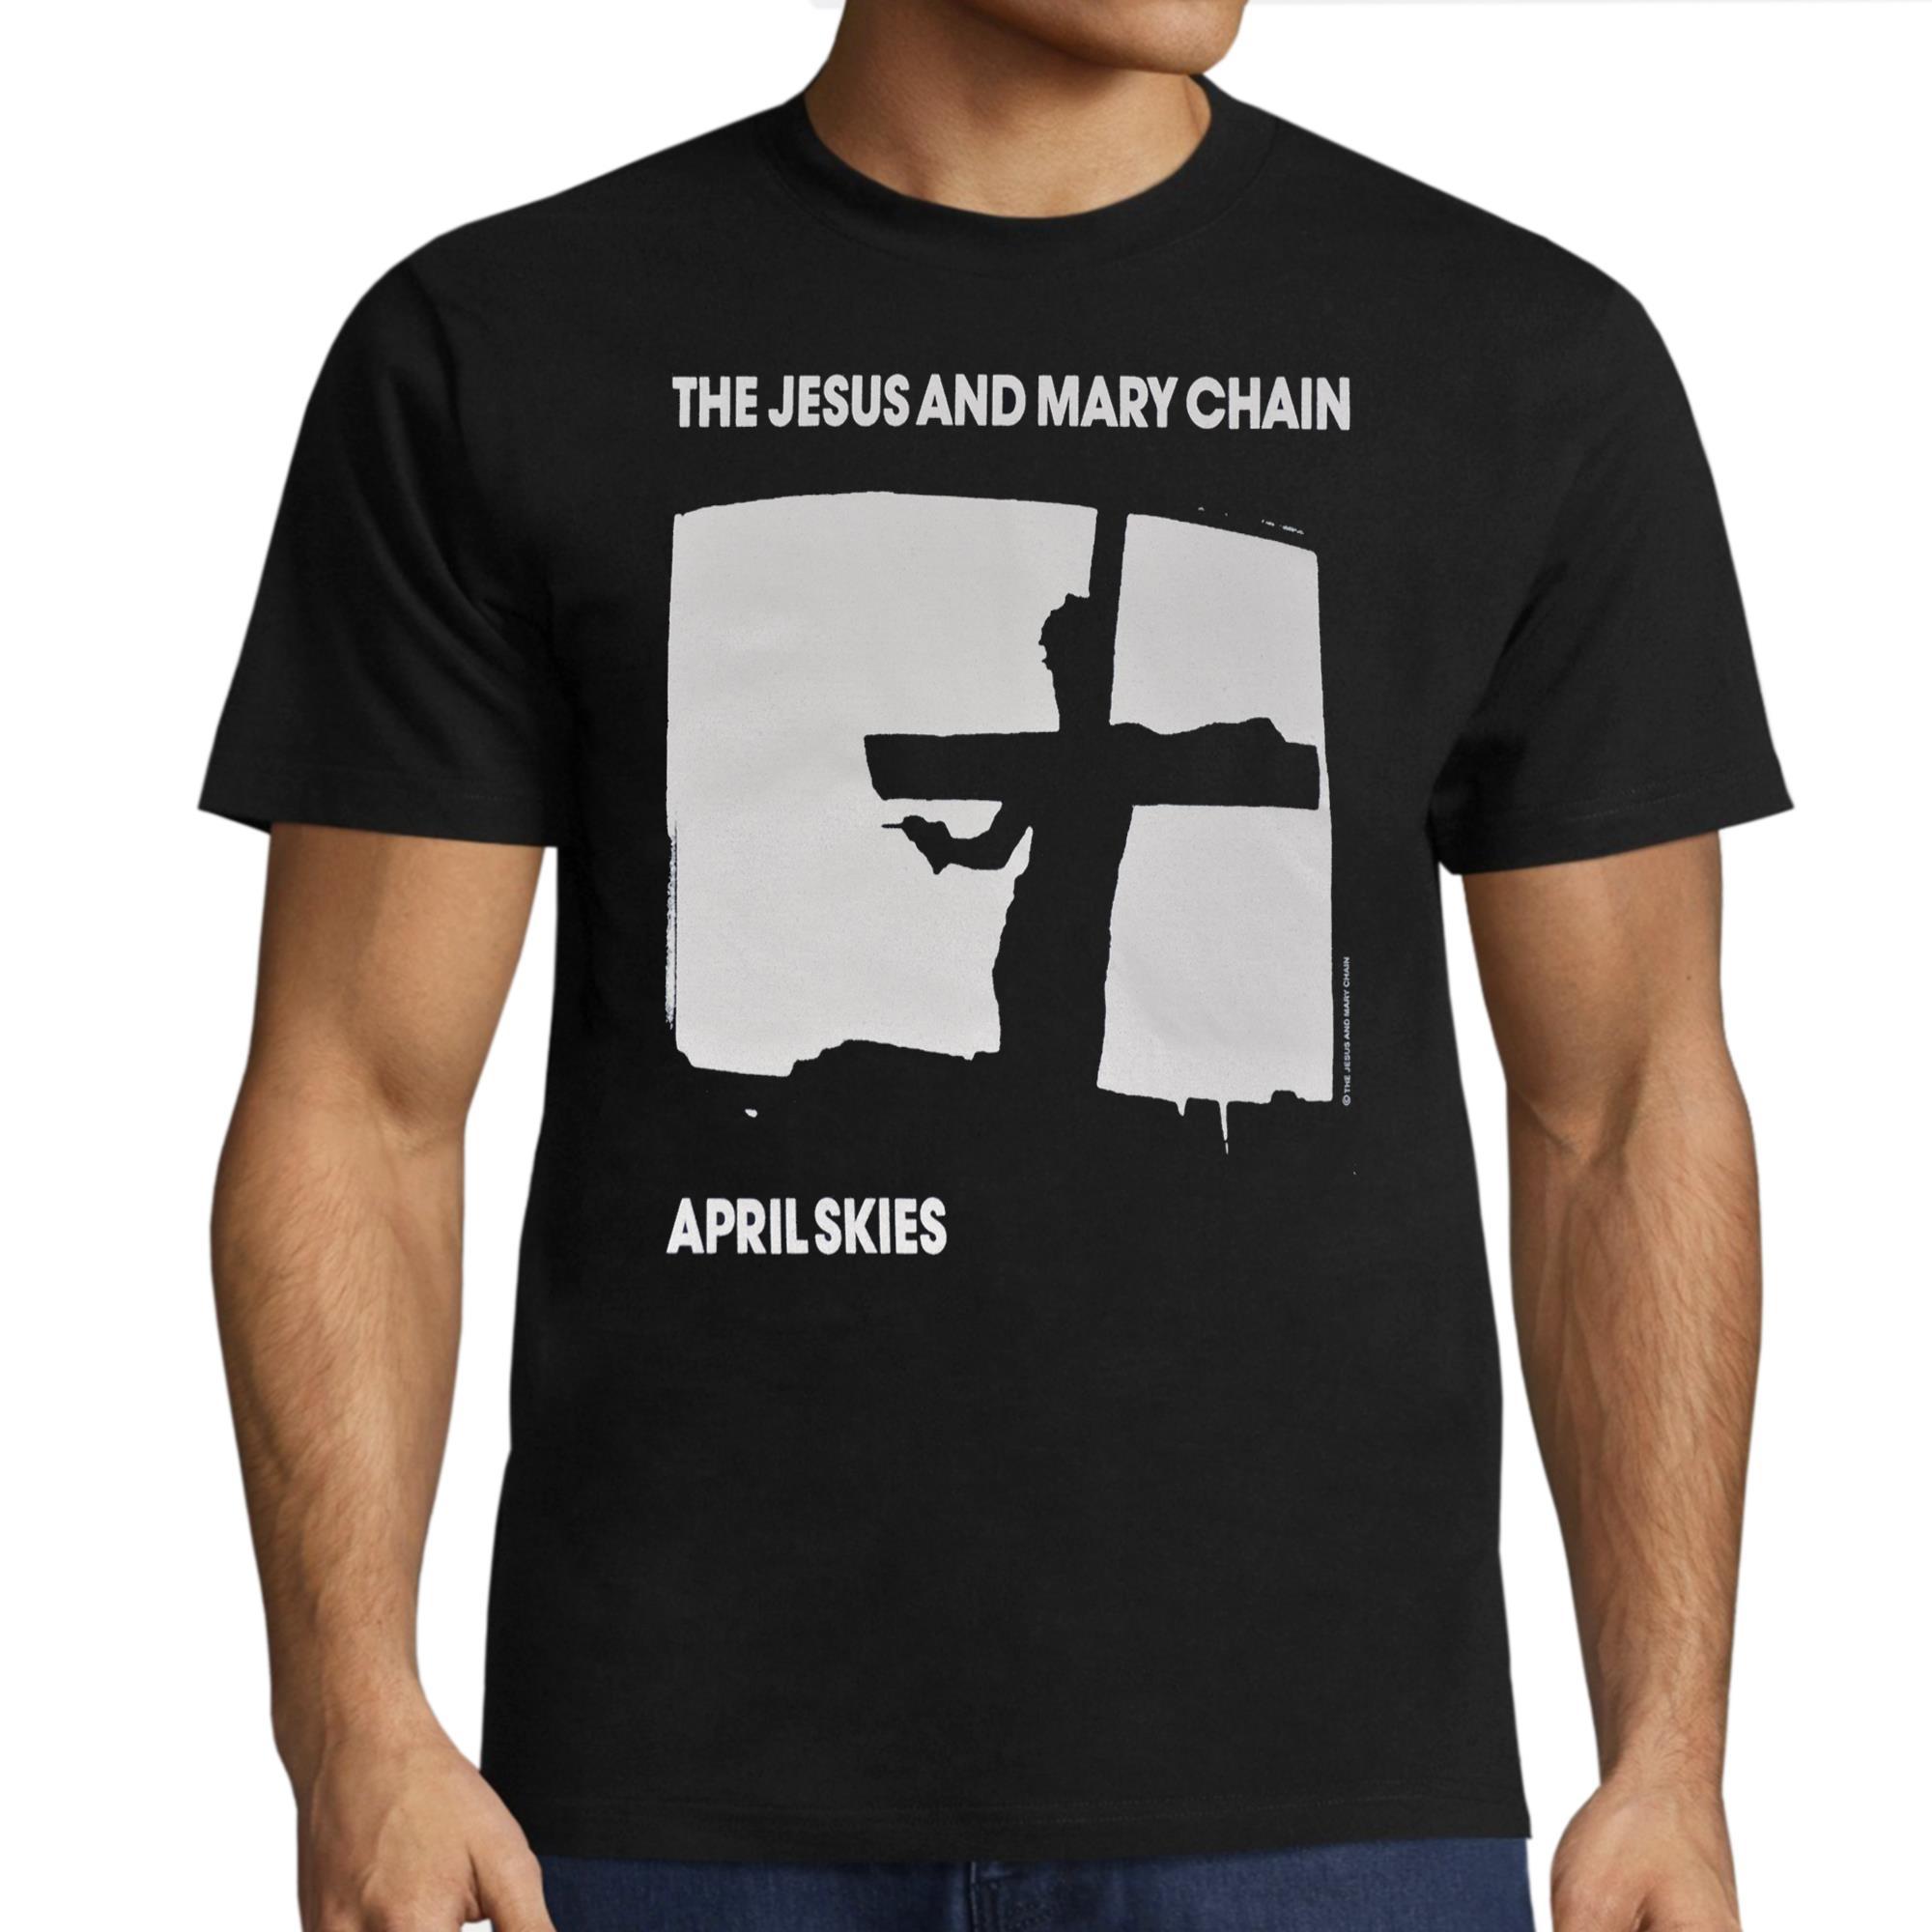 April Skies T-shirt